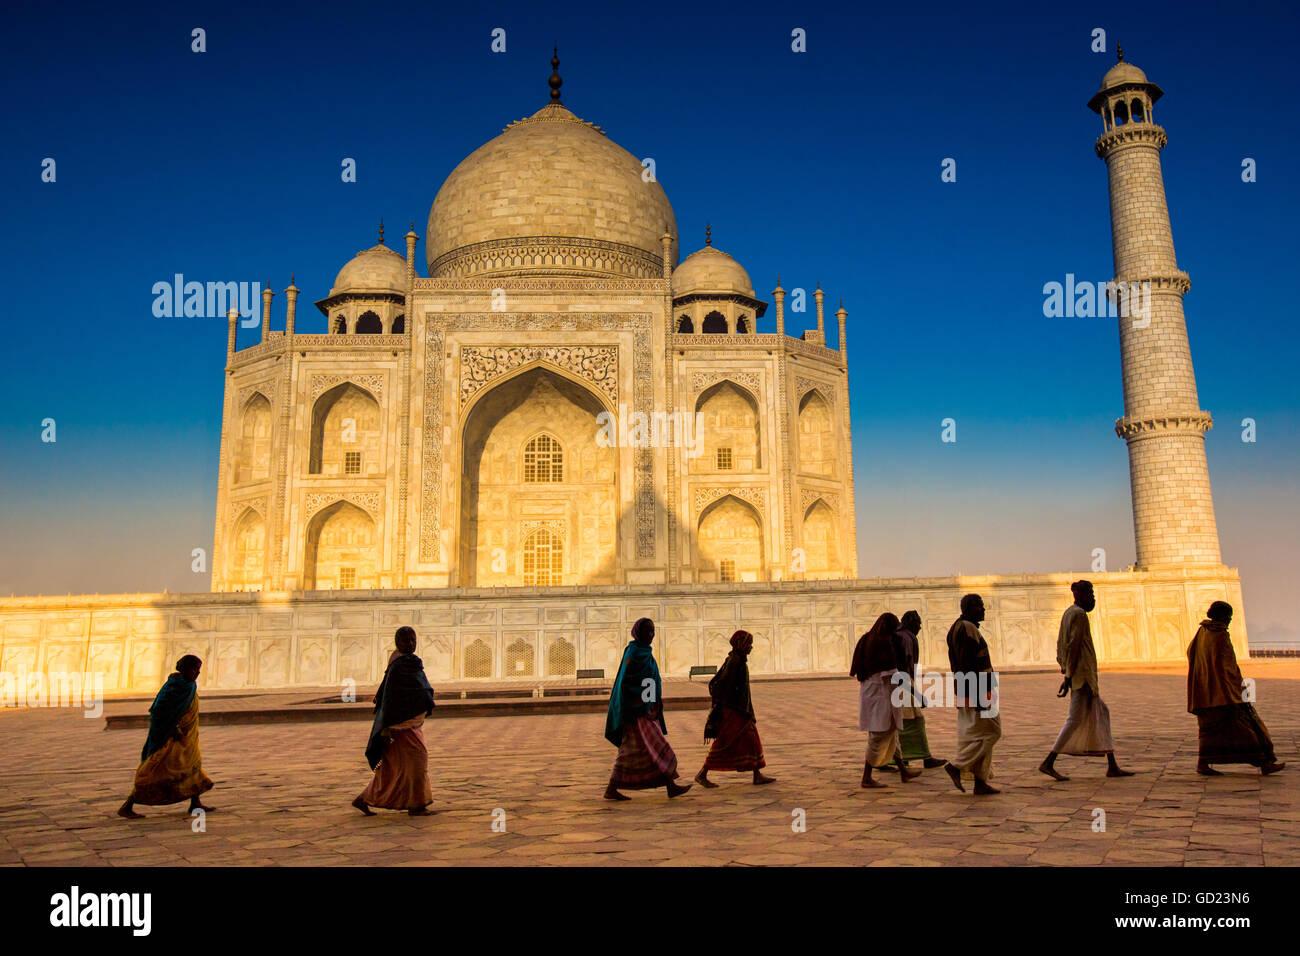 La gente caminando a orar delante del Taj Mahal, Patrimonio Mundial de la UNESCO, Agra, Uttar Pradesh, India, Asia Imagen De Stock